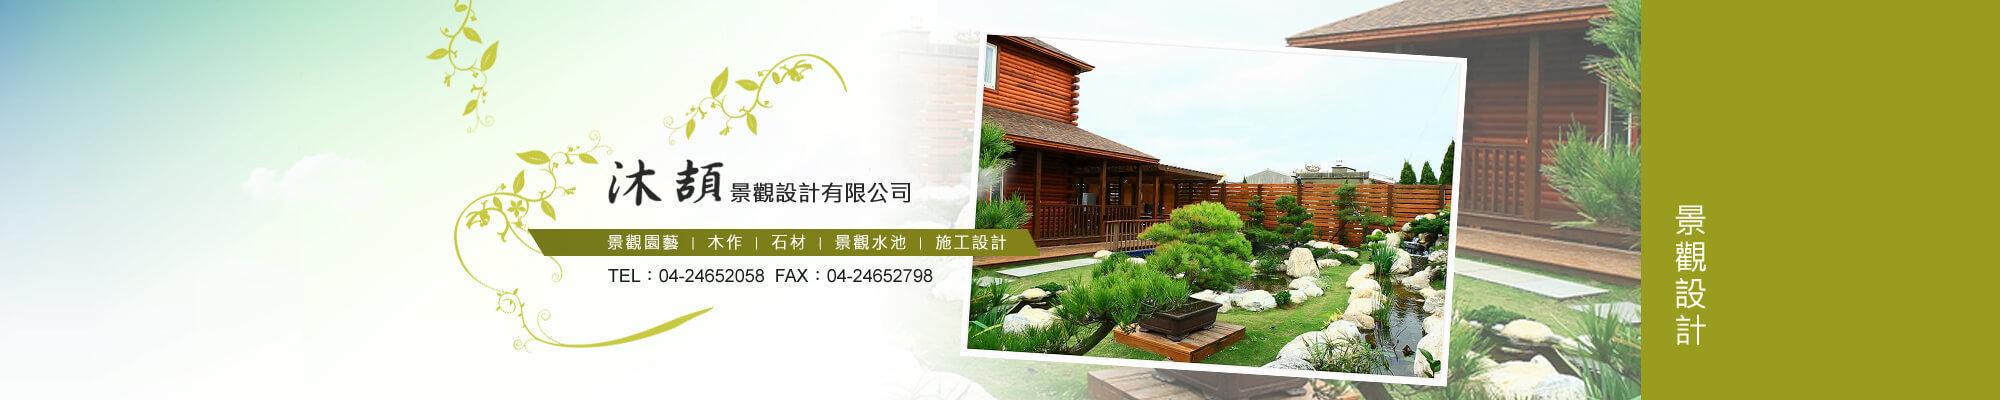 景觀設計,景觀造景,景觀園藝,庭園造景,庭園設計,園藝造景,園藝設計,園藝景觀,造景藝術